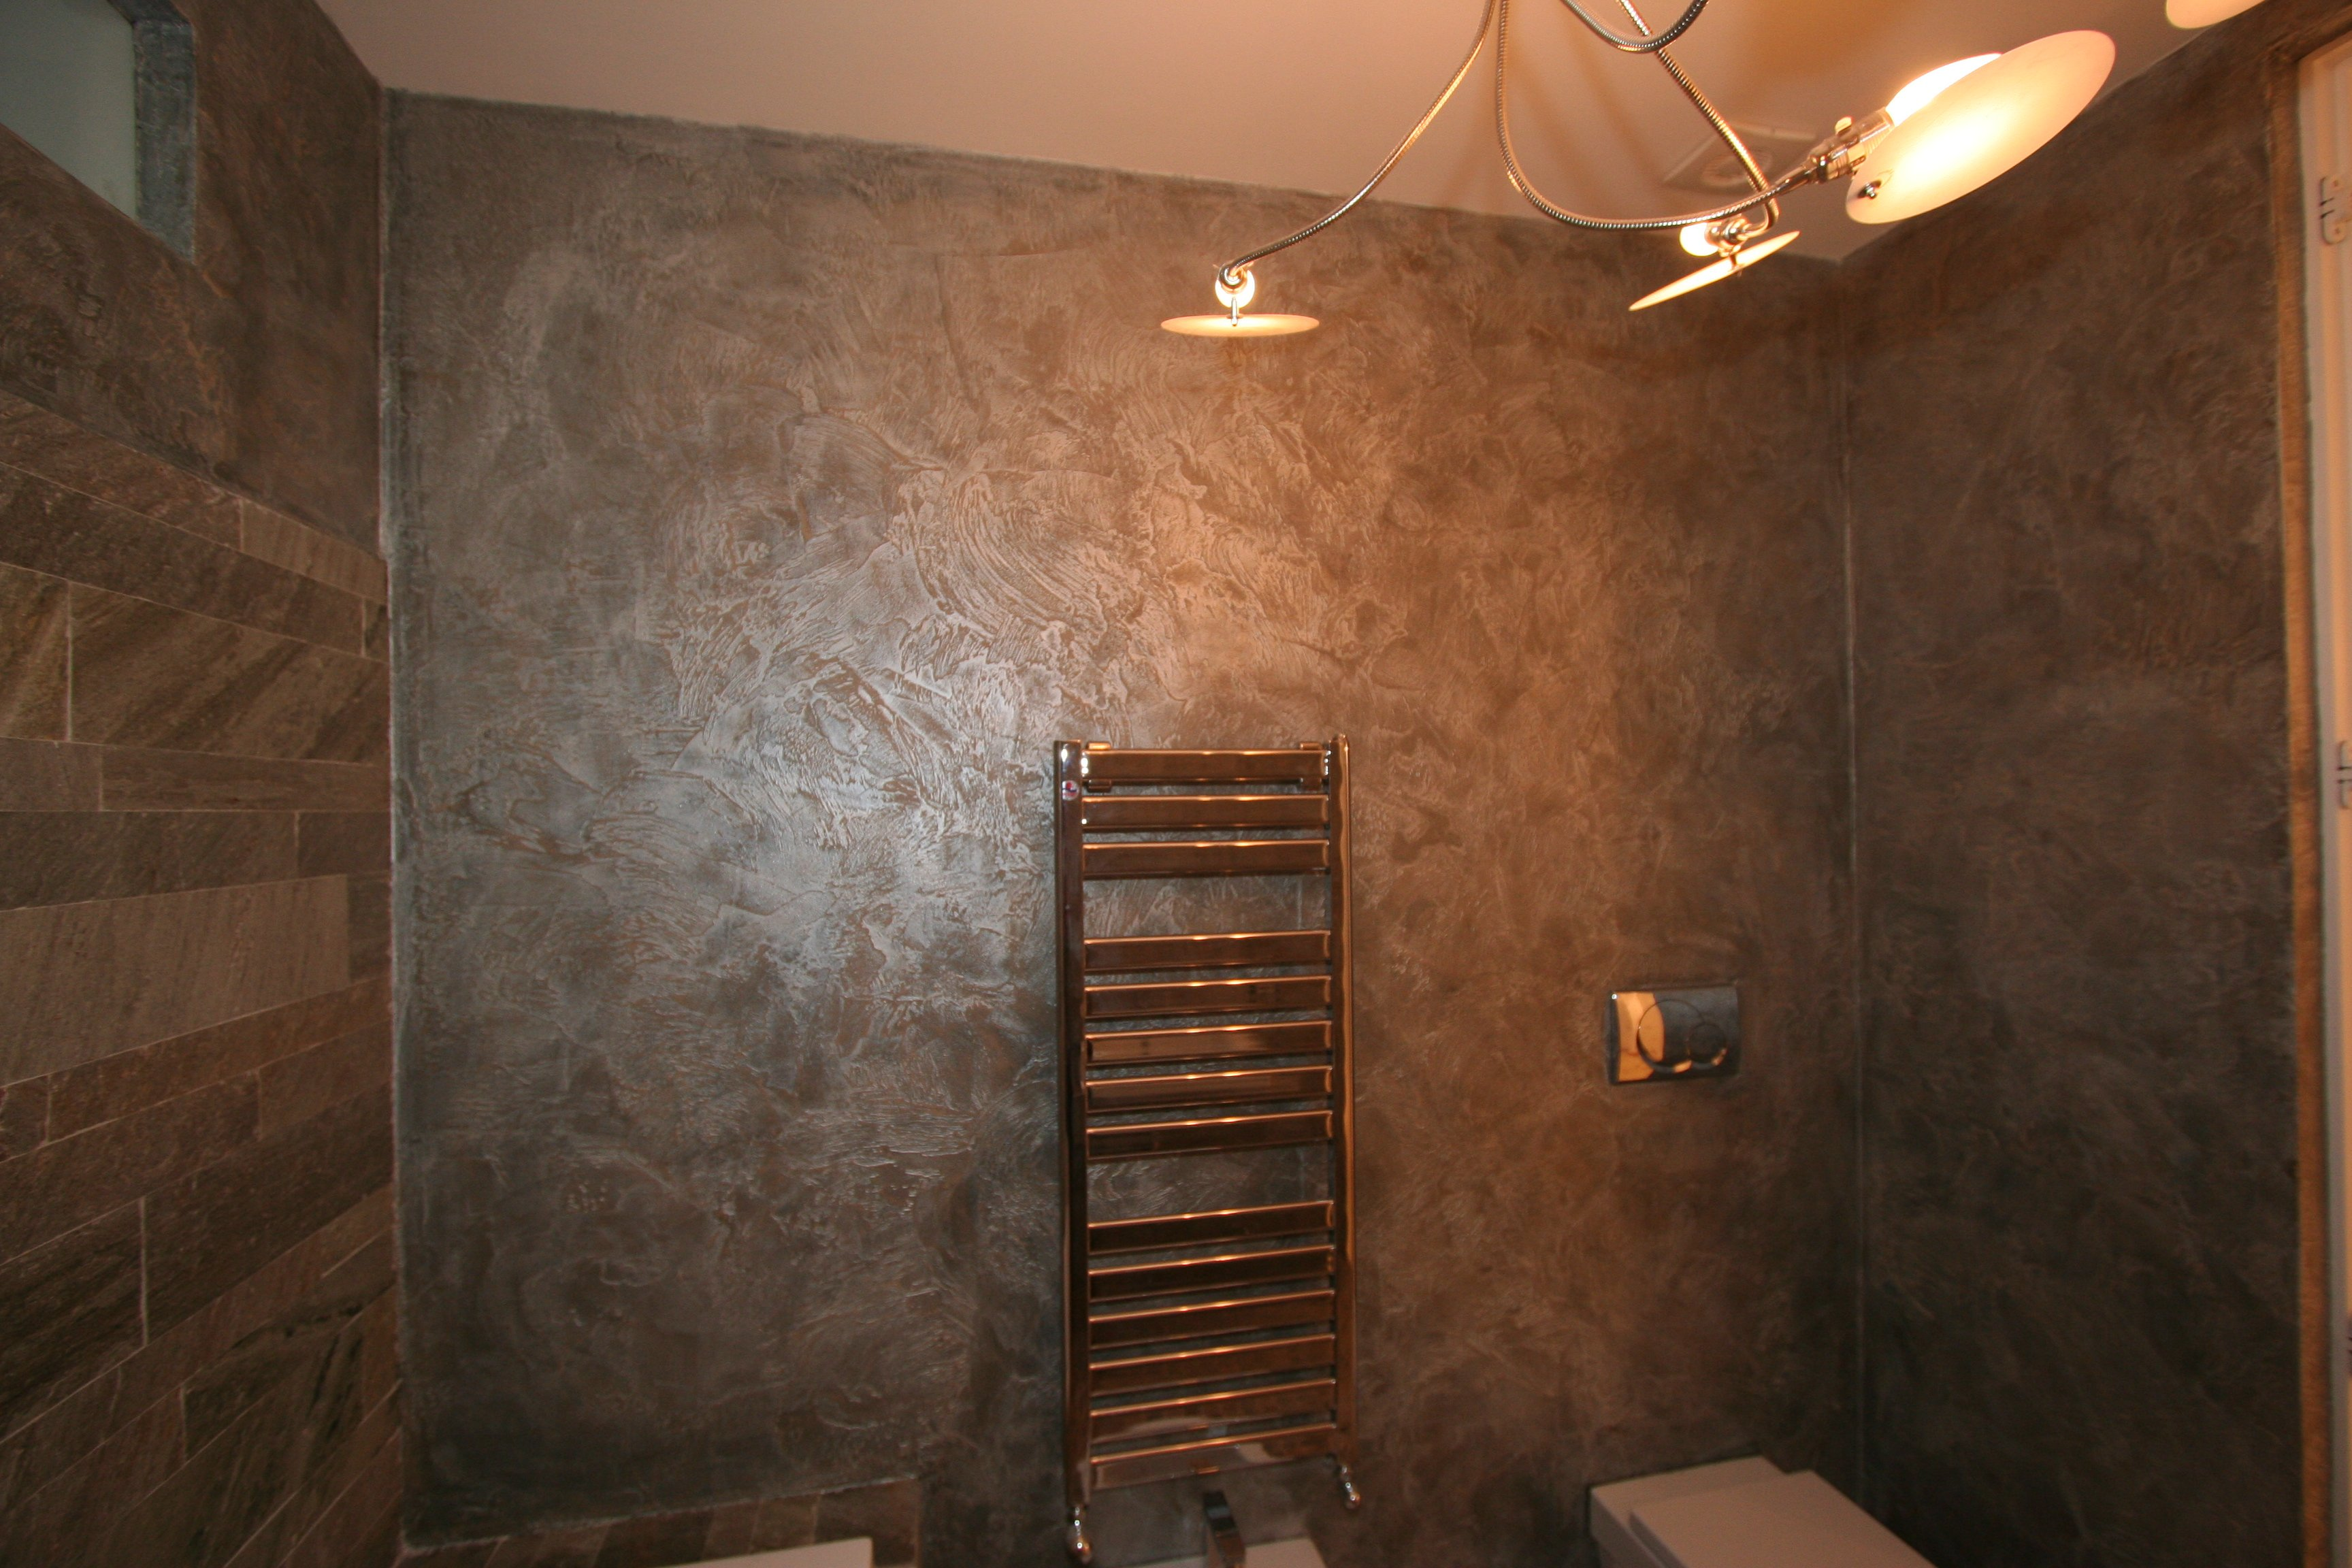 Image bagno 2 foto 2 decorazione in resina e accessori - Resina in bagno ...